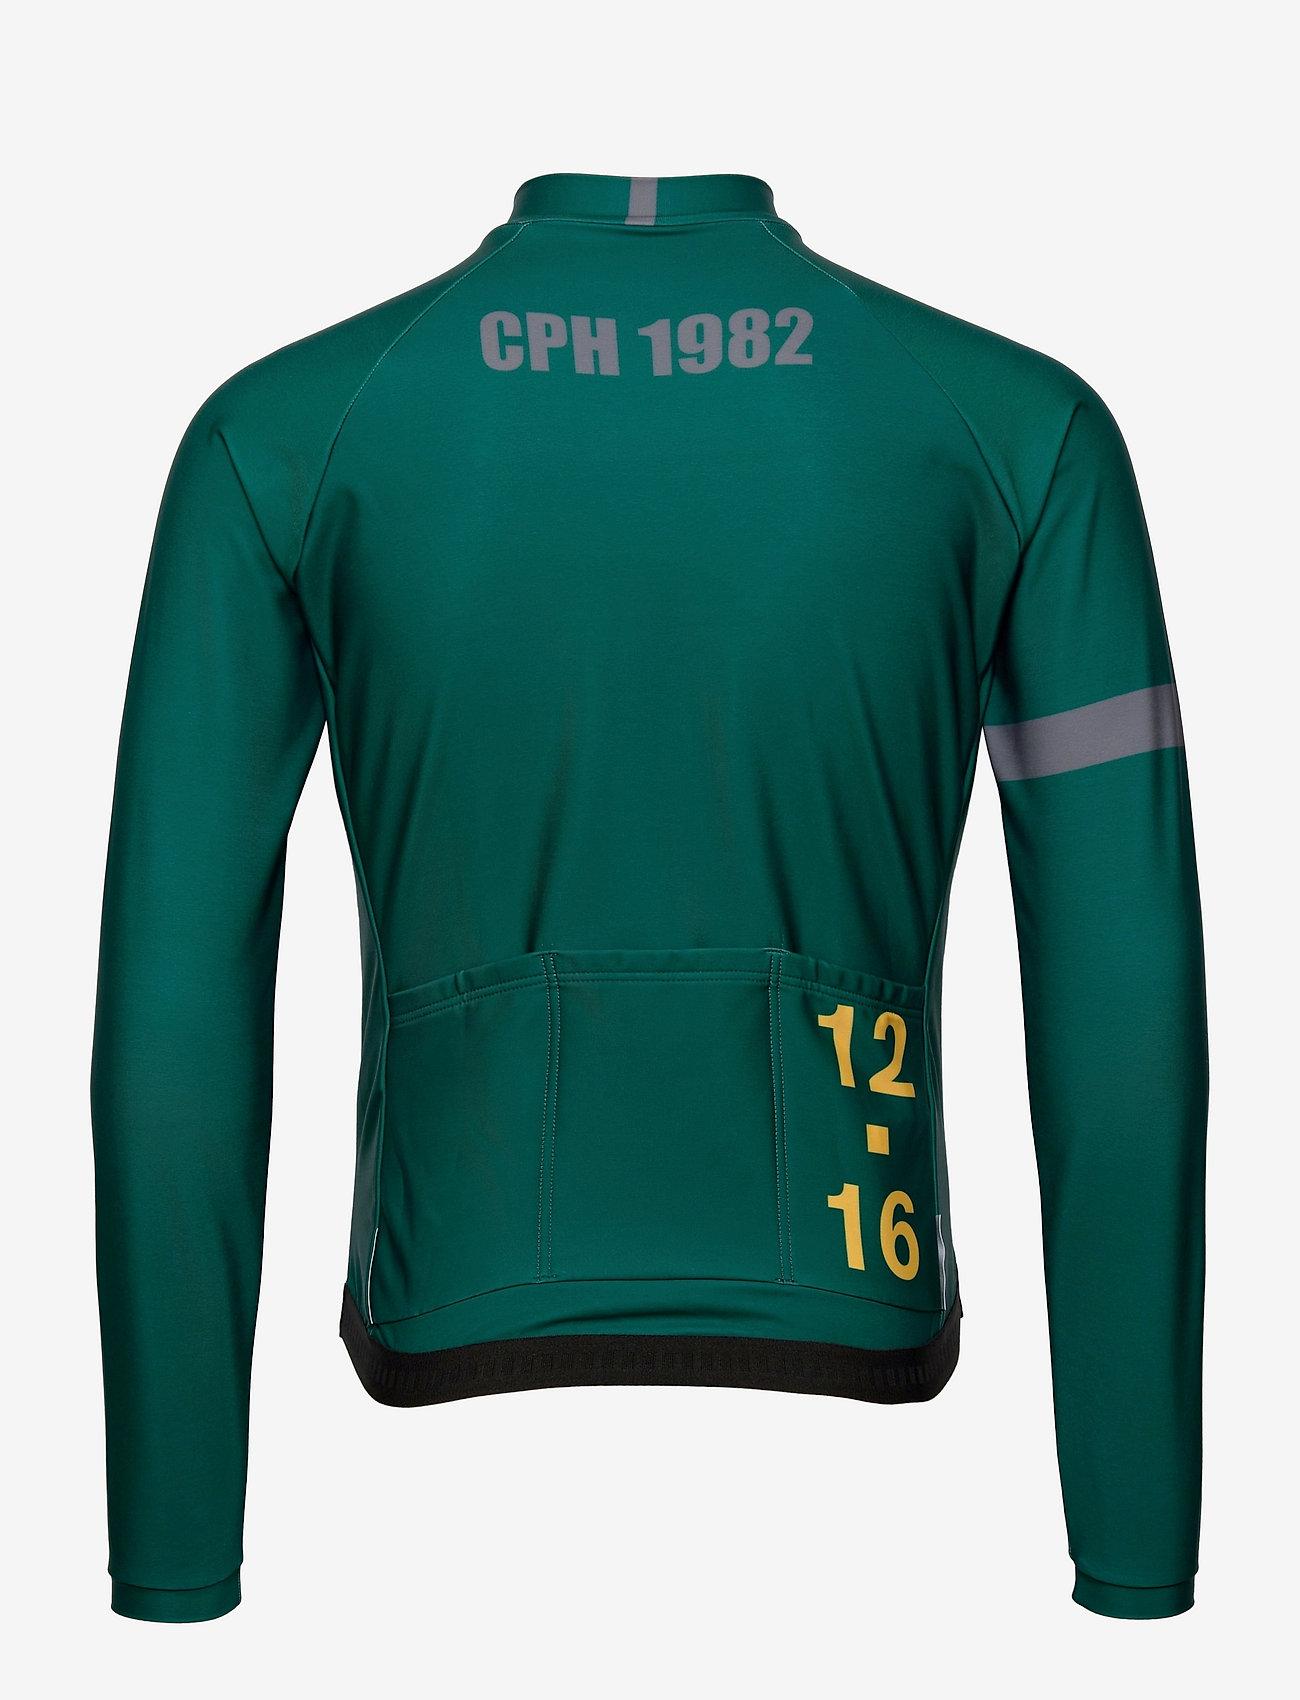 Twelve Sixteen - 0168 Jersey L/S Elite ANDORRA Green/Grey - overdele - green/grey - 1